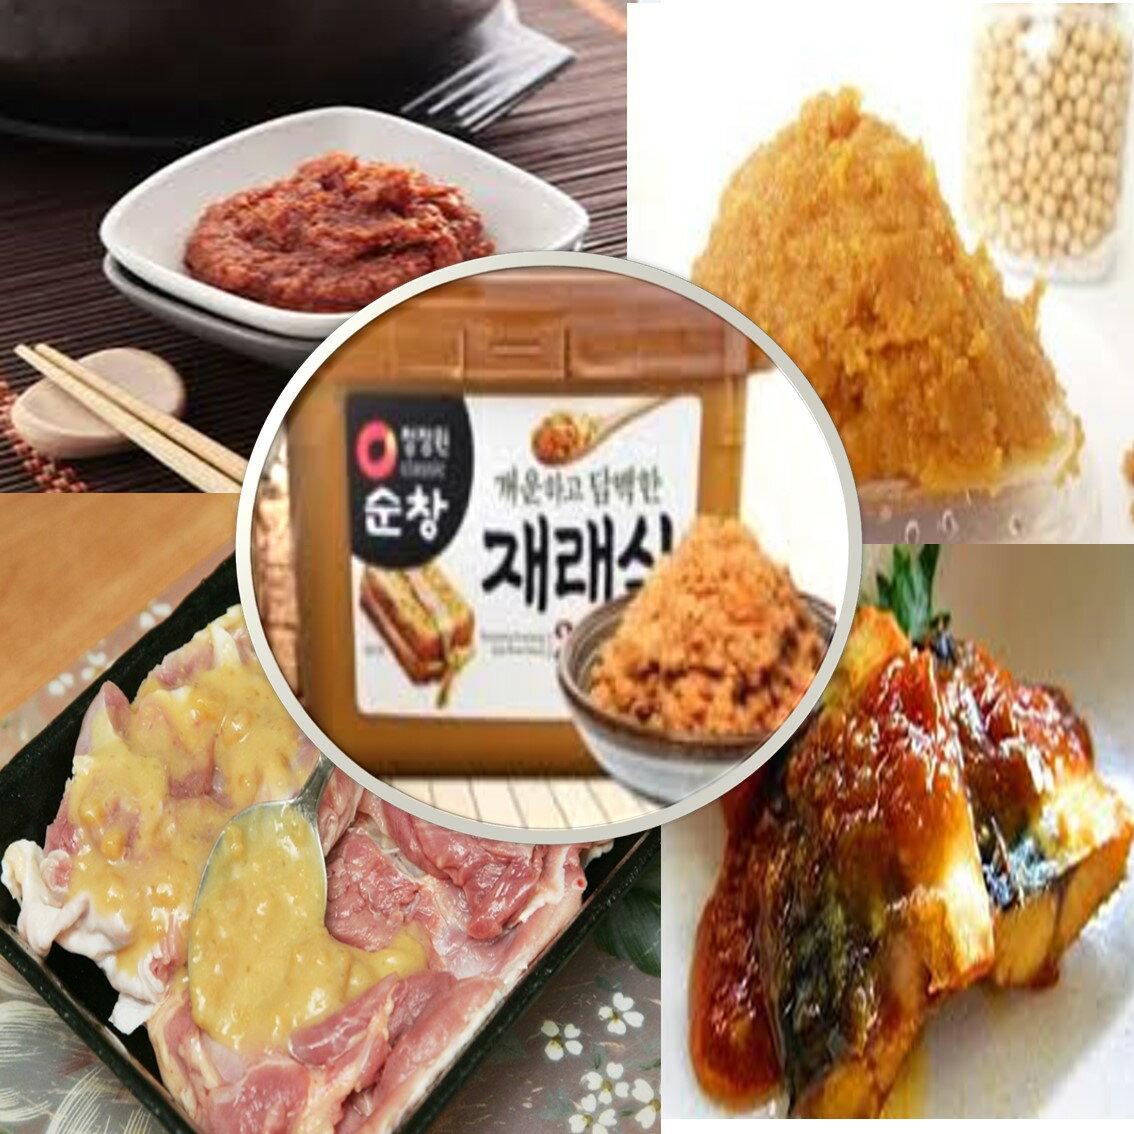 韓國 CJ 味噌醬 大醬 黃豆醬500g ~韓國俗稱大醬,家家戶戶 常用品~韓國 韓國大醬味增湯大豆醬韓國必買韓式料理~樂活 館~▶ 滿499